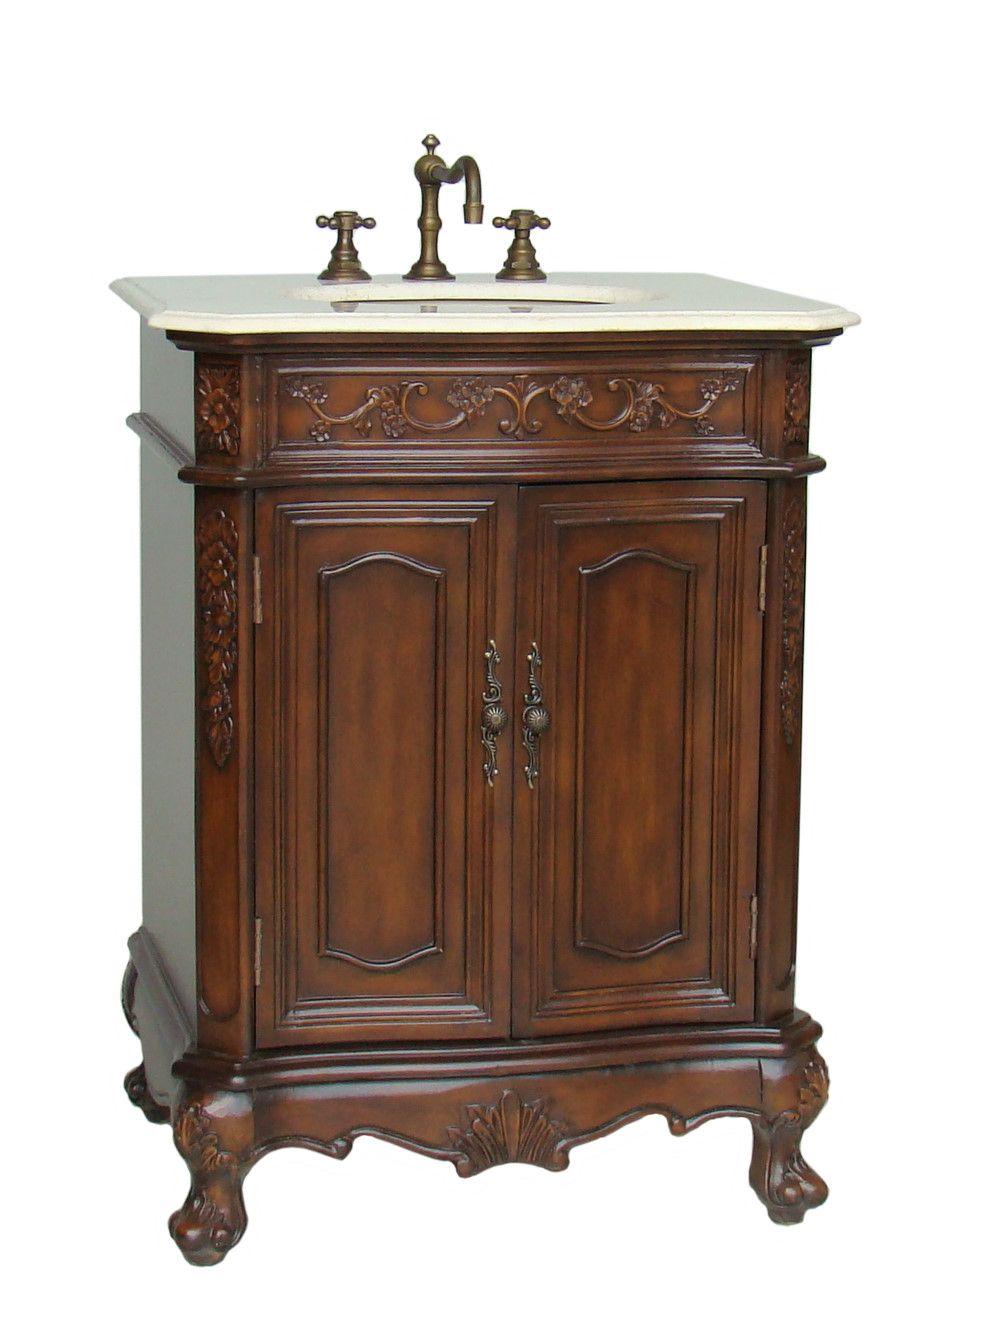 Adelina 27 Inch Old Fashion Two Doors Bathroom Vanity Bathroom